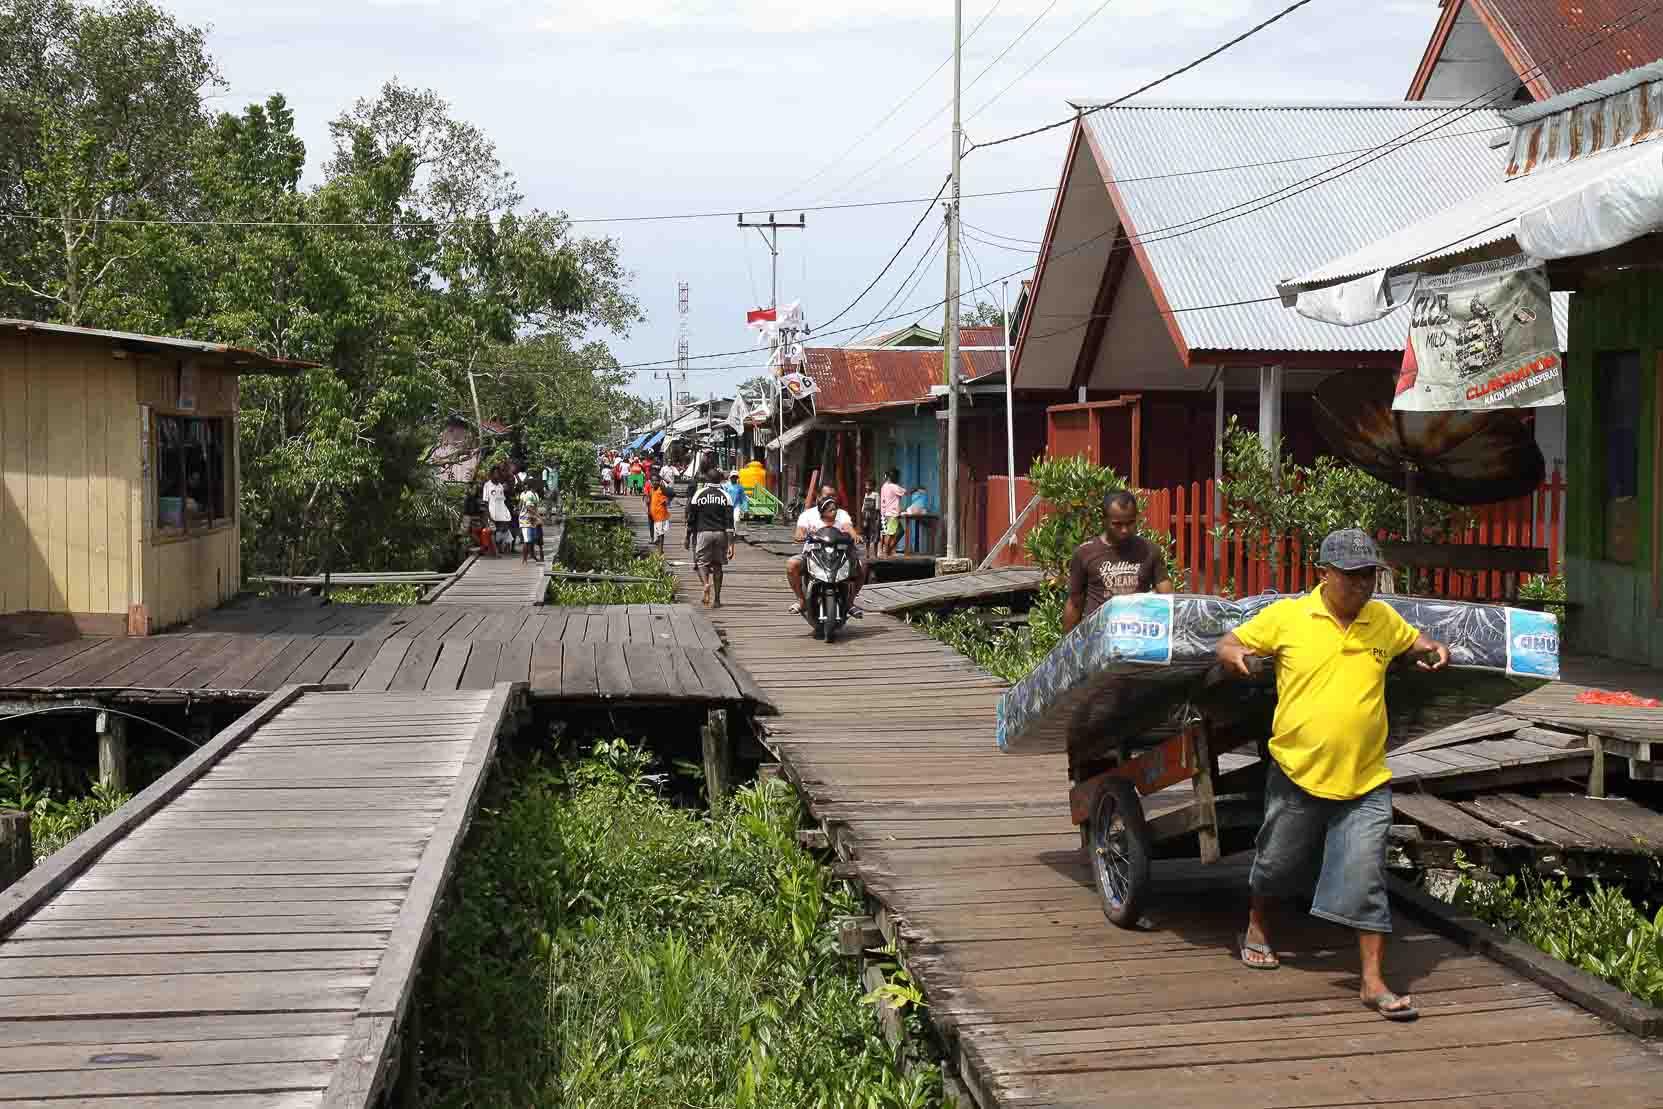 Straßen in Agats